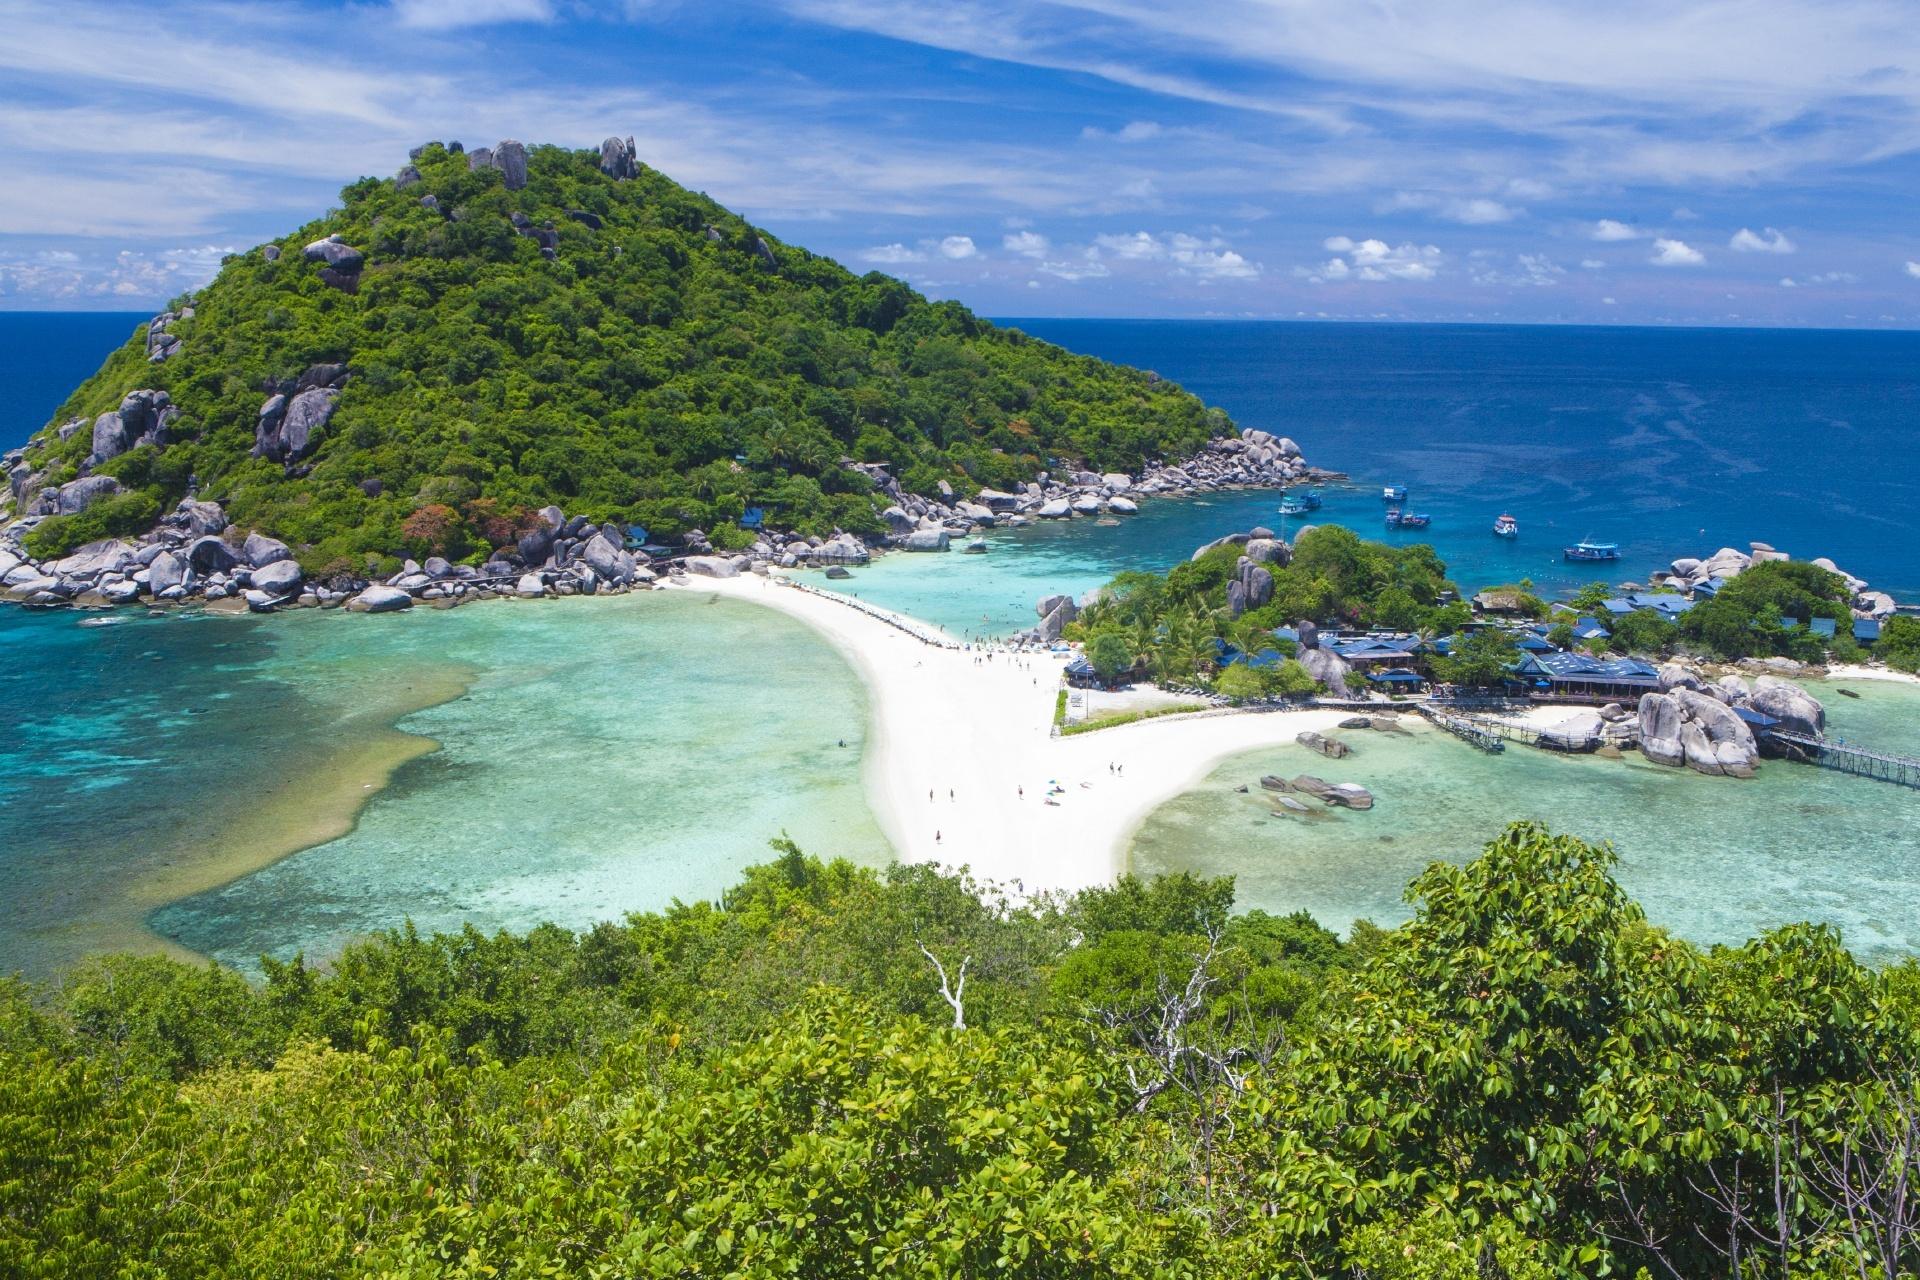 ナンユアン島の風景 タイの風景